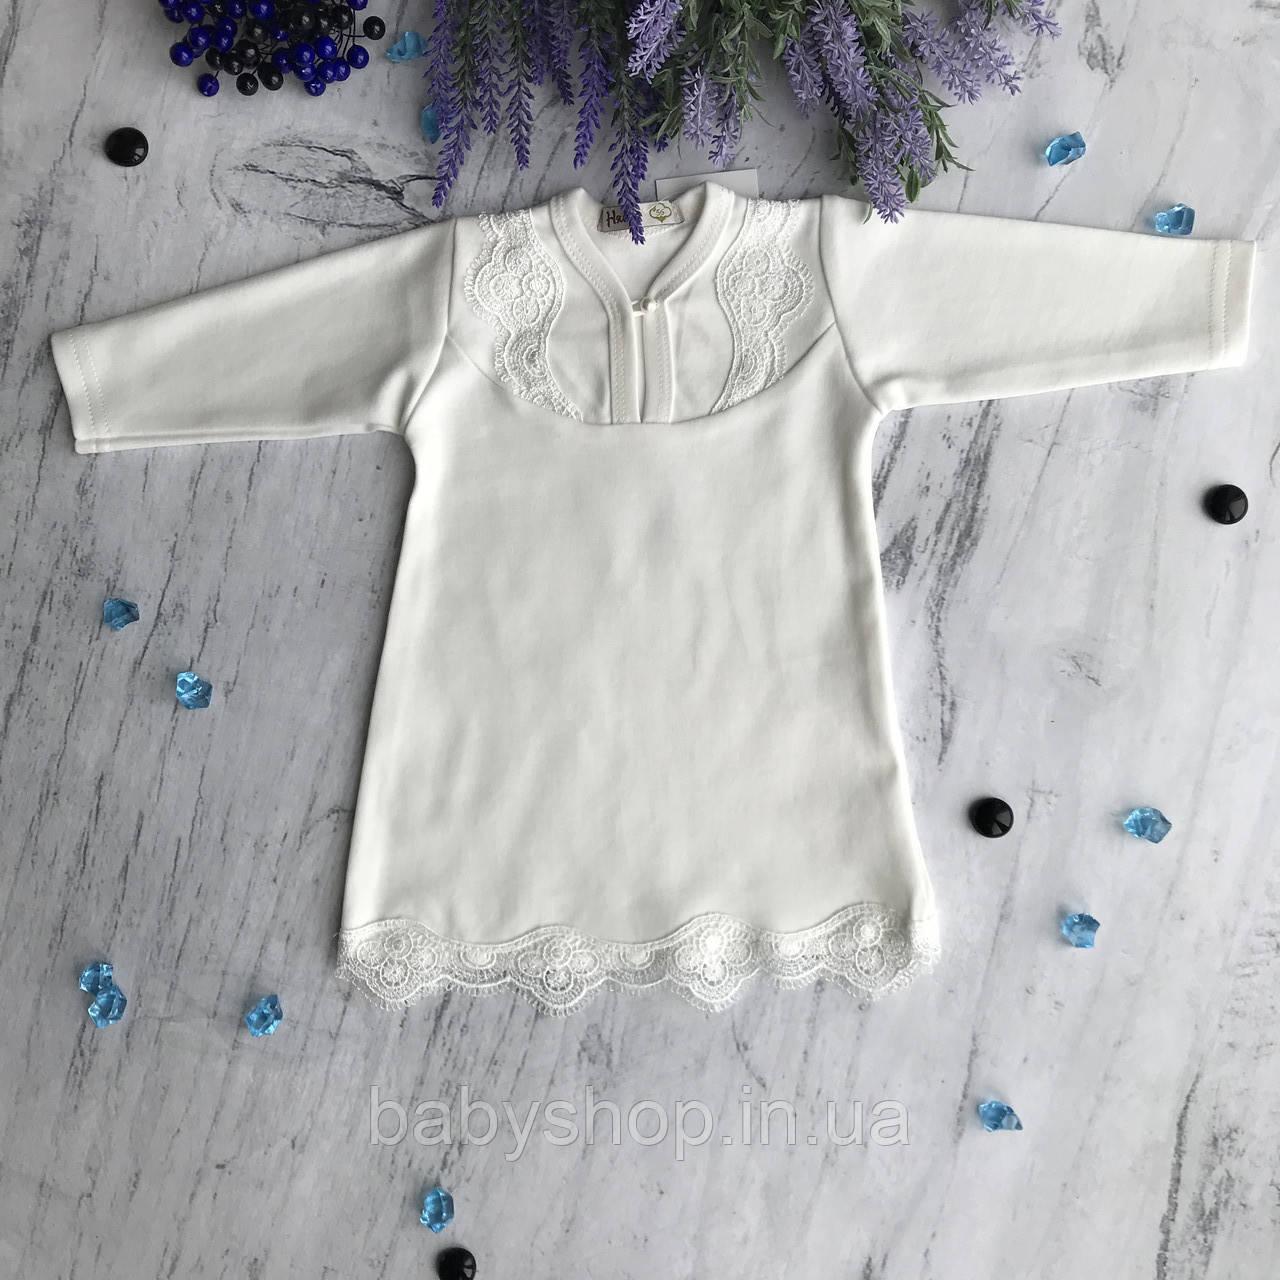 Крестильная рубаха 3. Размер 56, 62, 68